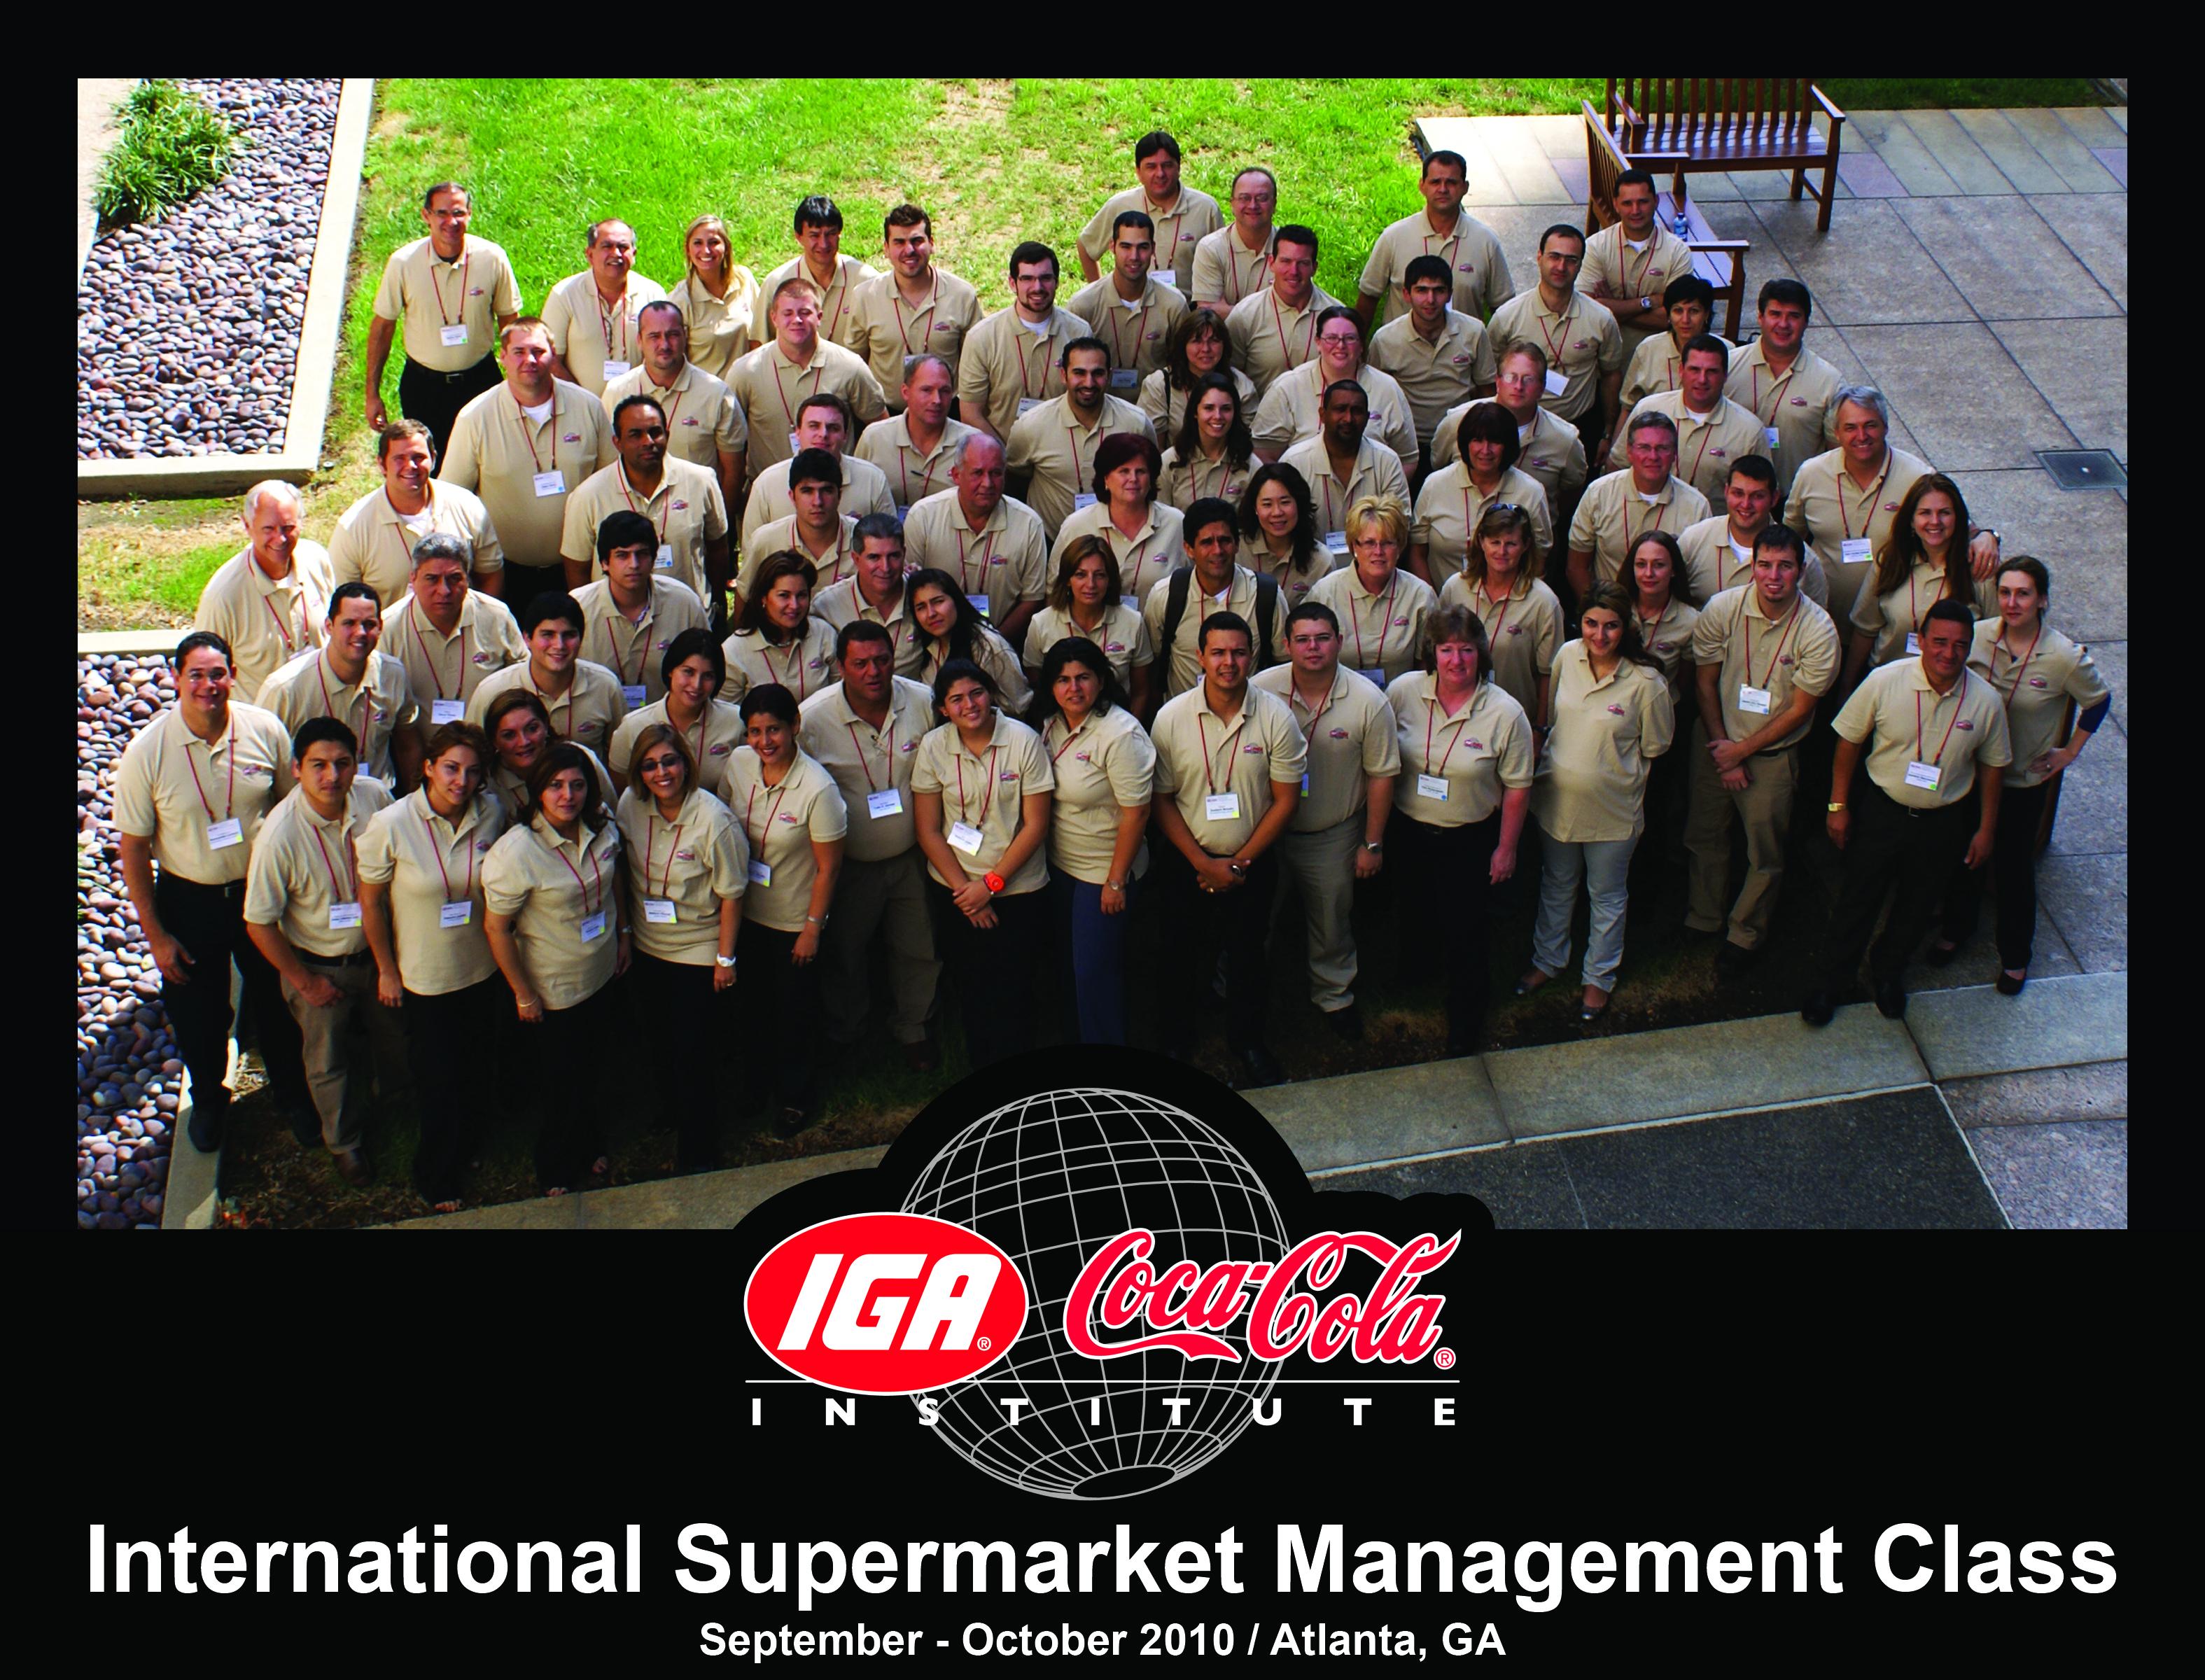 International Supermarket Management Class 2010